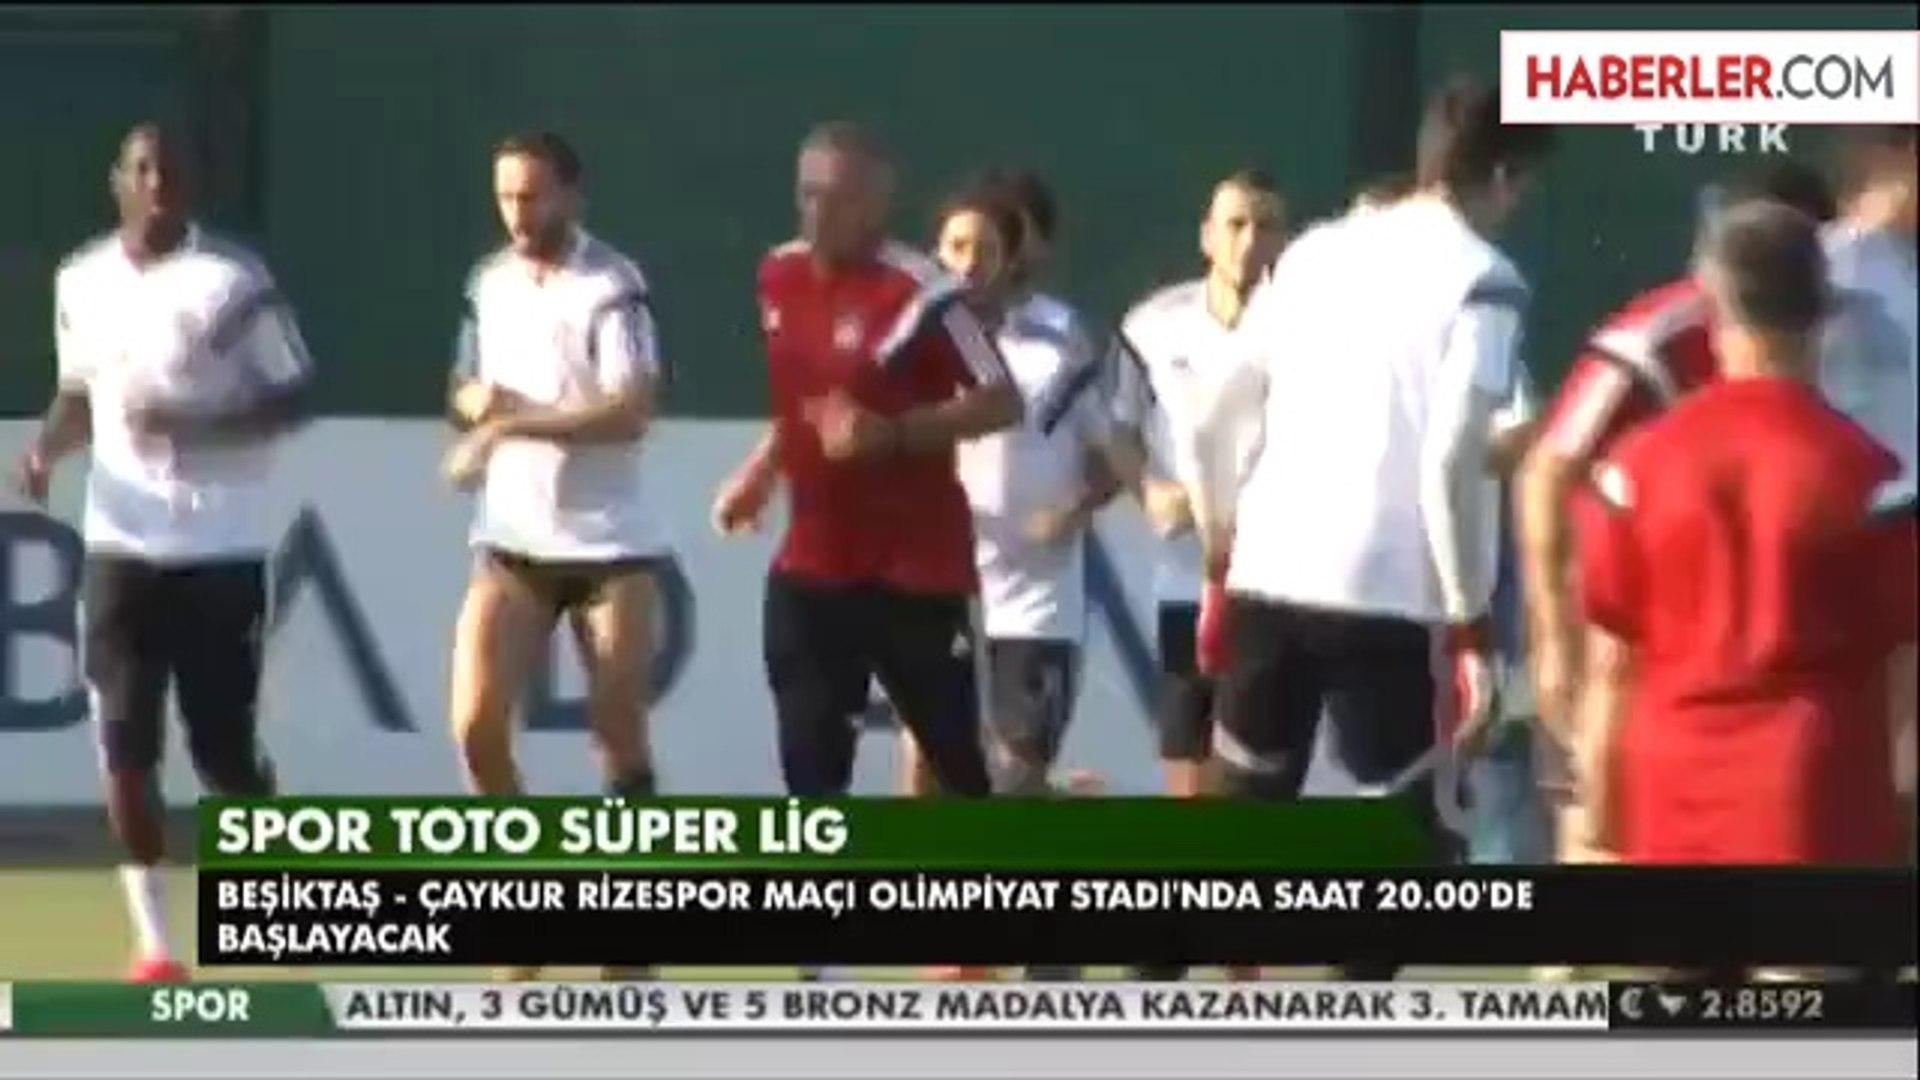 Beşiktaş Çaykur Rizespor Canlı İzle Beşiktaş Rize Maçını Canlı İzle Beşiktaş Rize Maçı Şifresiz İzle